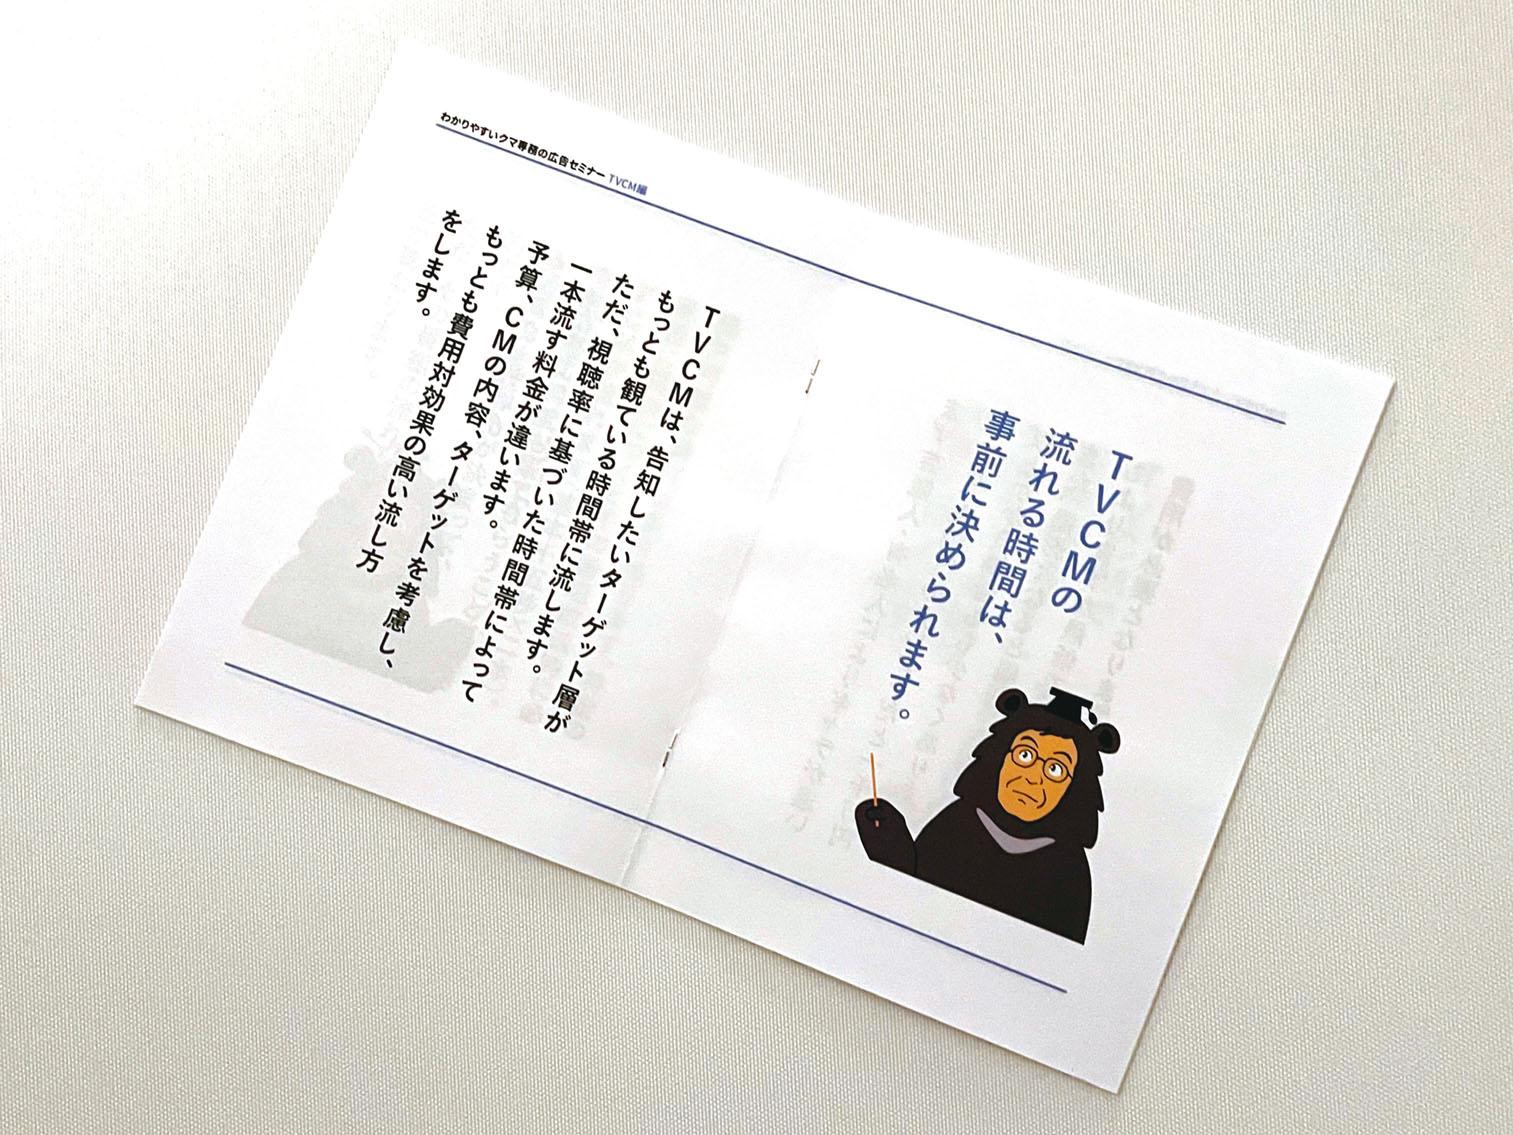 わかりやすいクマ専務の広告ガイド TVCM編3